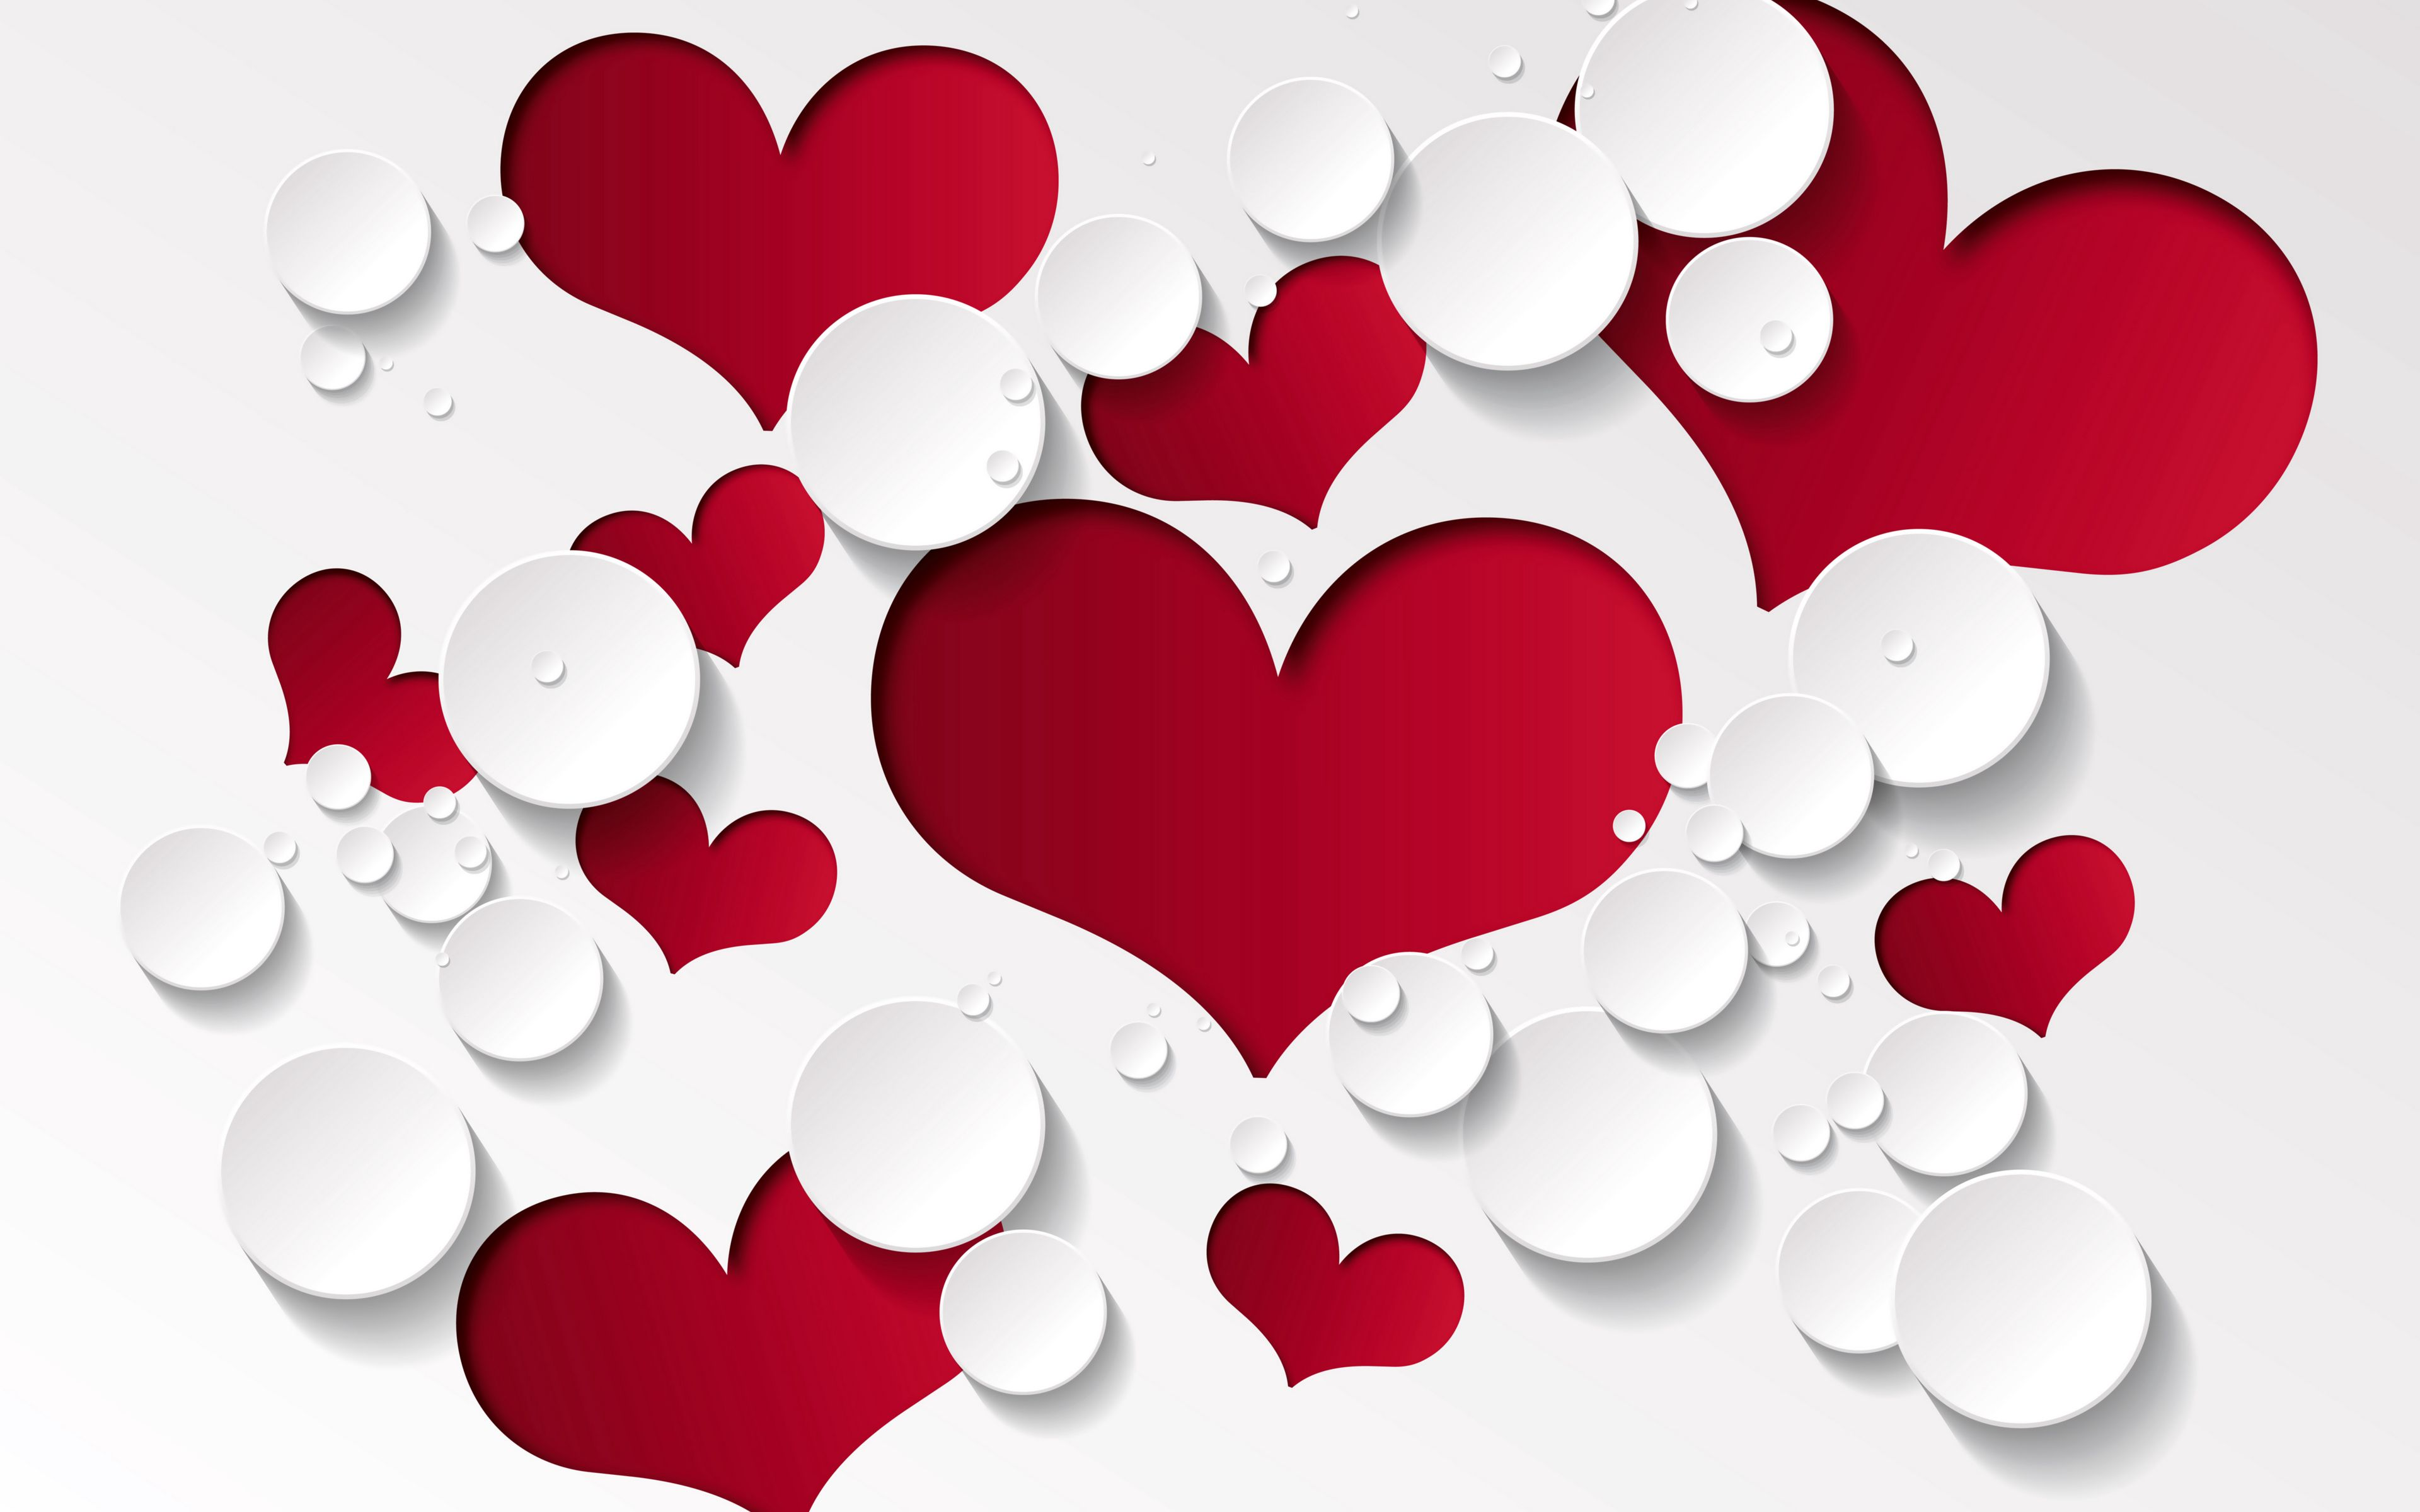 3840x2400 Wallpaper heart, shape, pattern